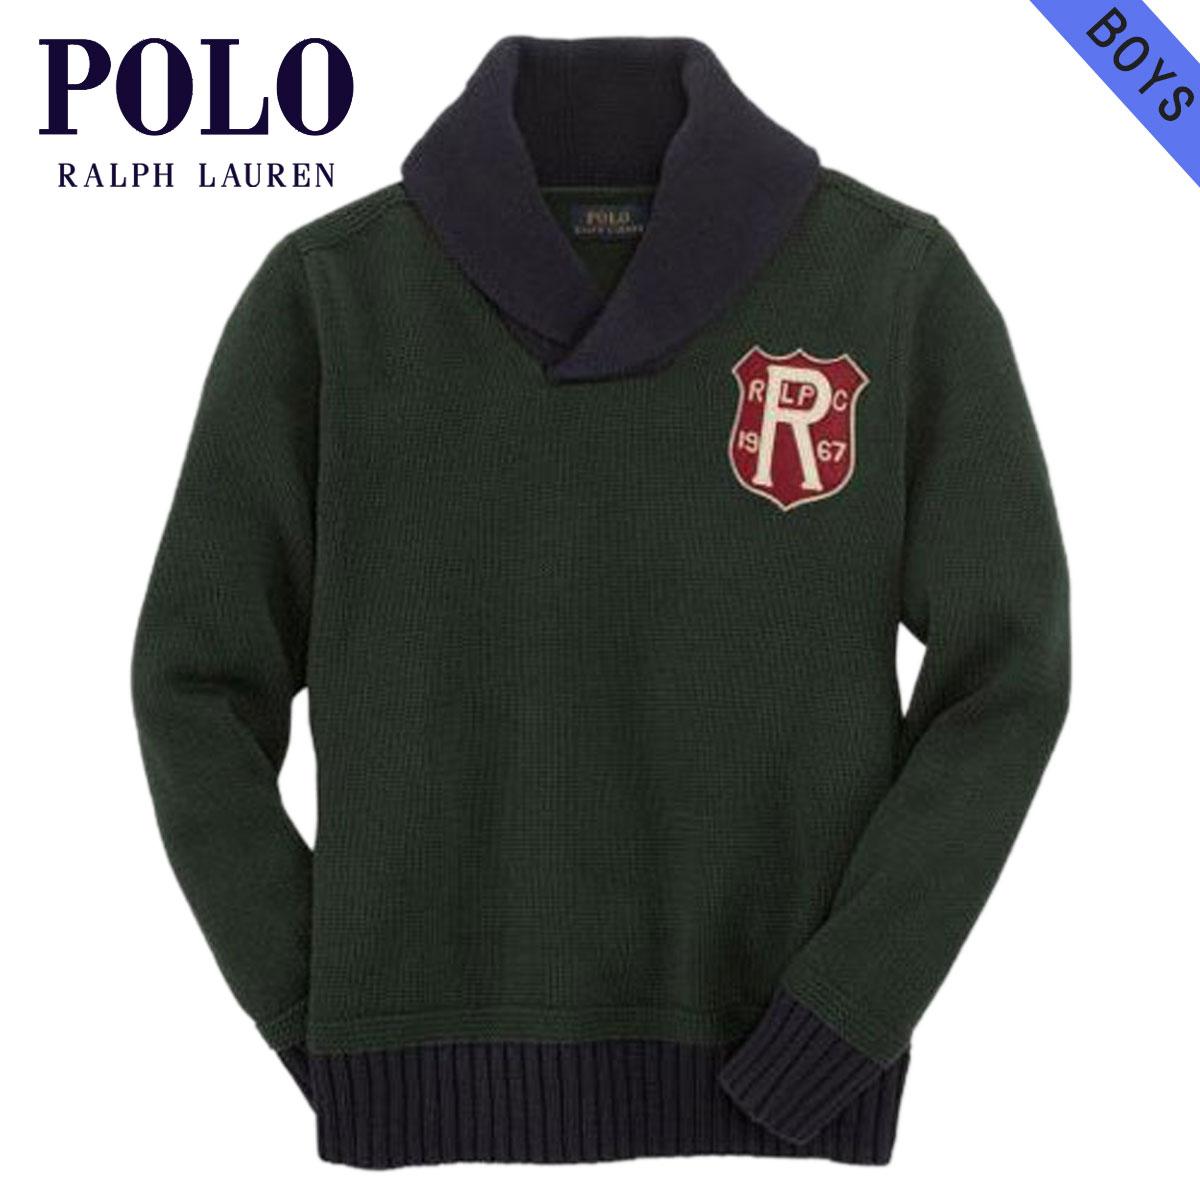 ポロ ラルフローレン キッズ セーター ボーイズ 子供服 正規品 POLO RALPH LAUREN CHILDREN  Cotton Pullover Shawl Sweater 43535356